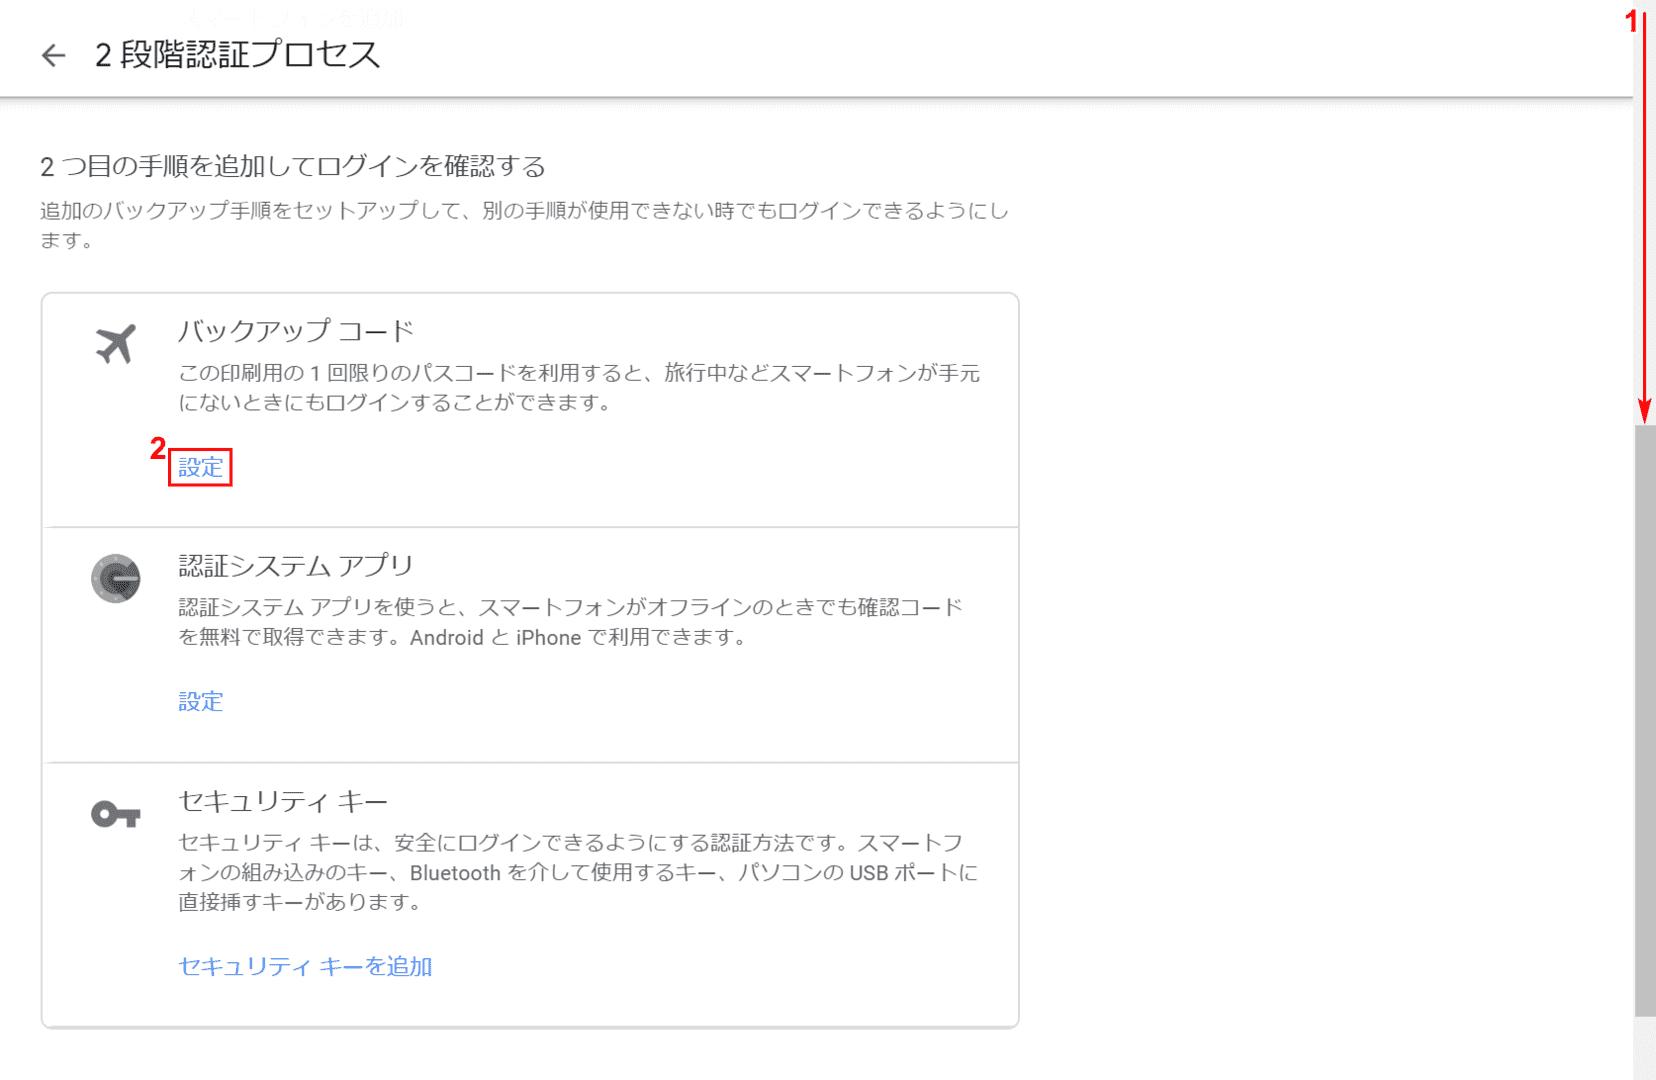 バックアップコードの設定